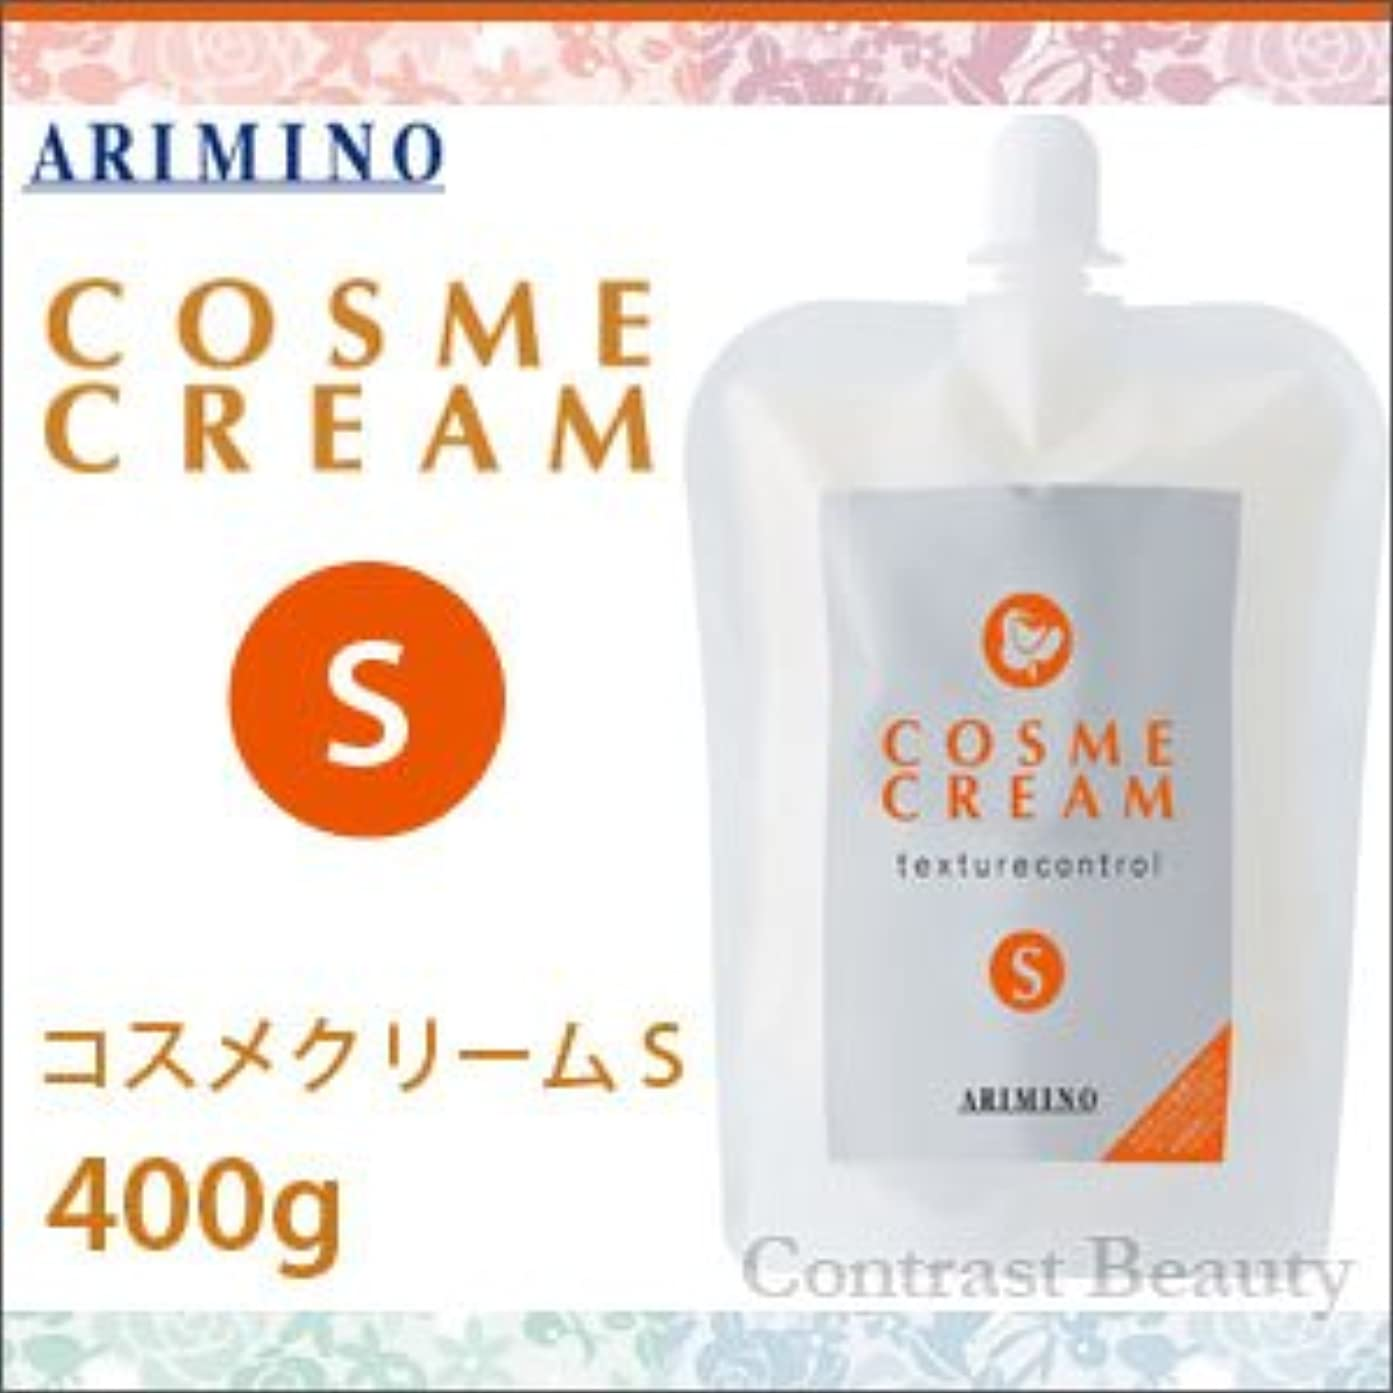 ナチュラ分析するネズミ【X4個セット】 アリミノ コスメクリーム S 400g